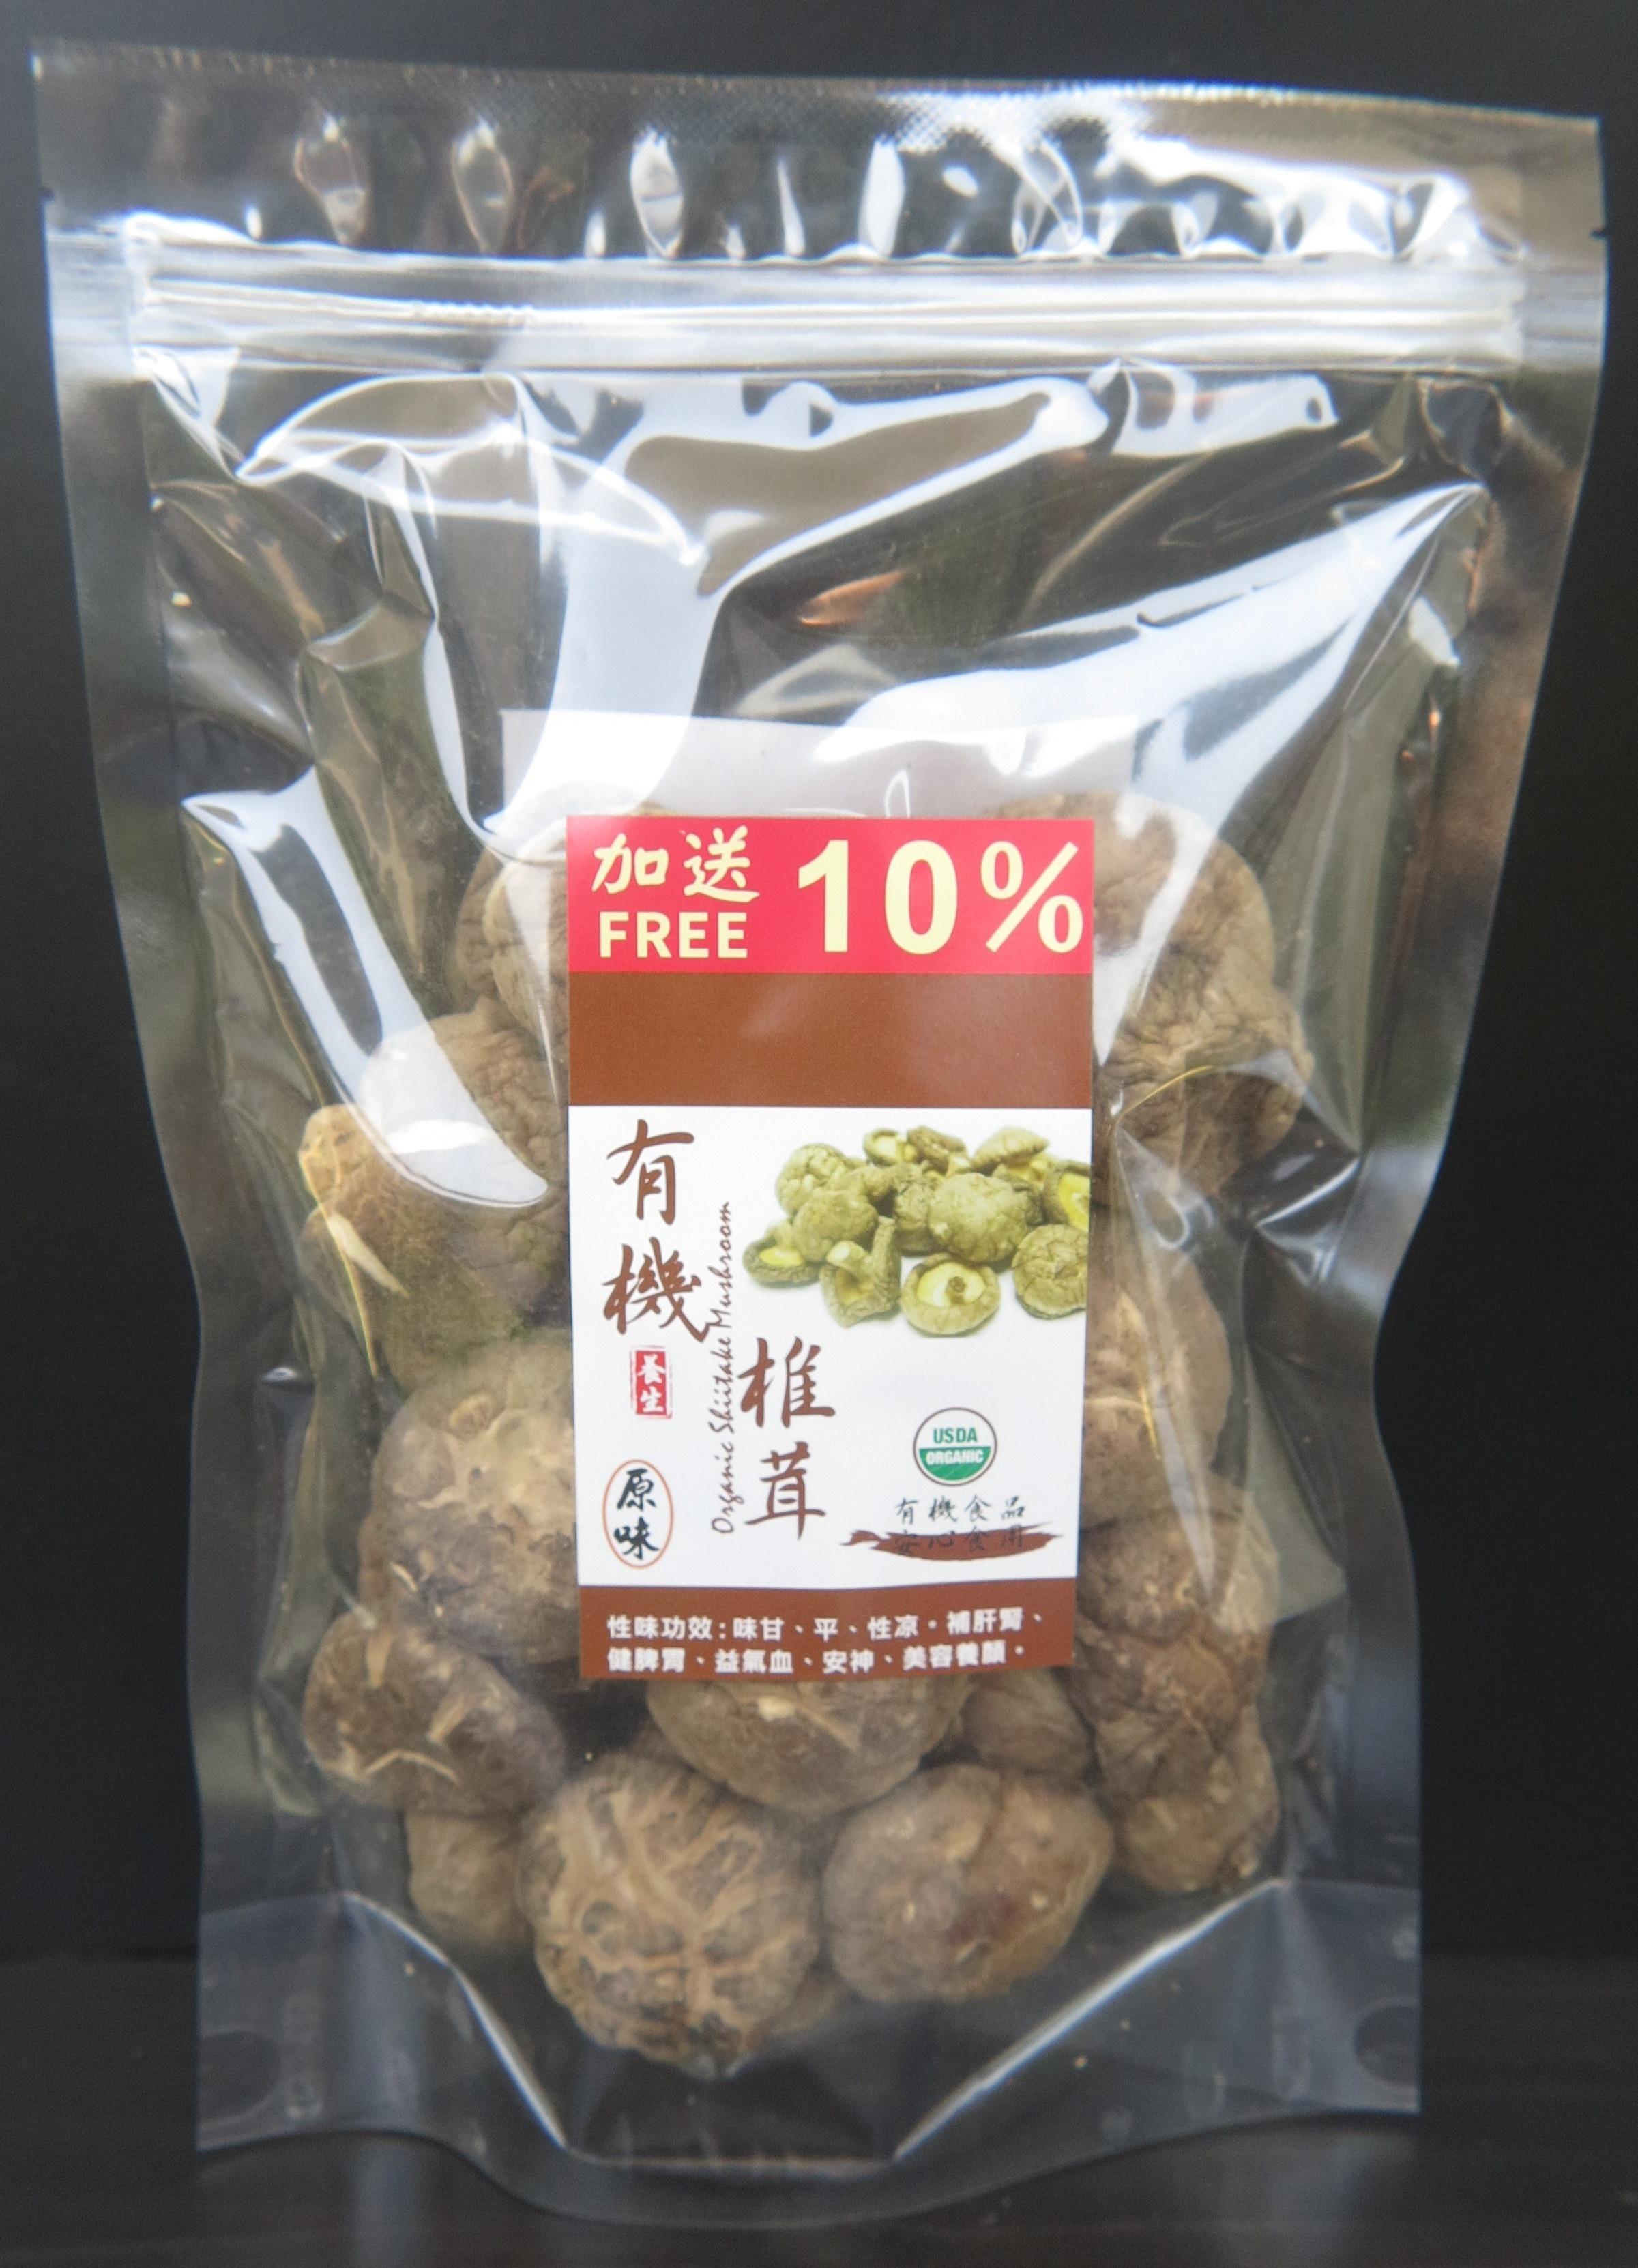 有機椎茸 Organic Shiitake Mushroom